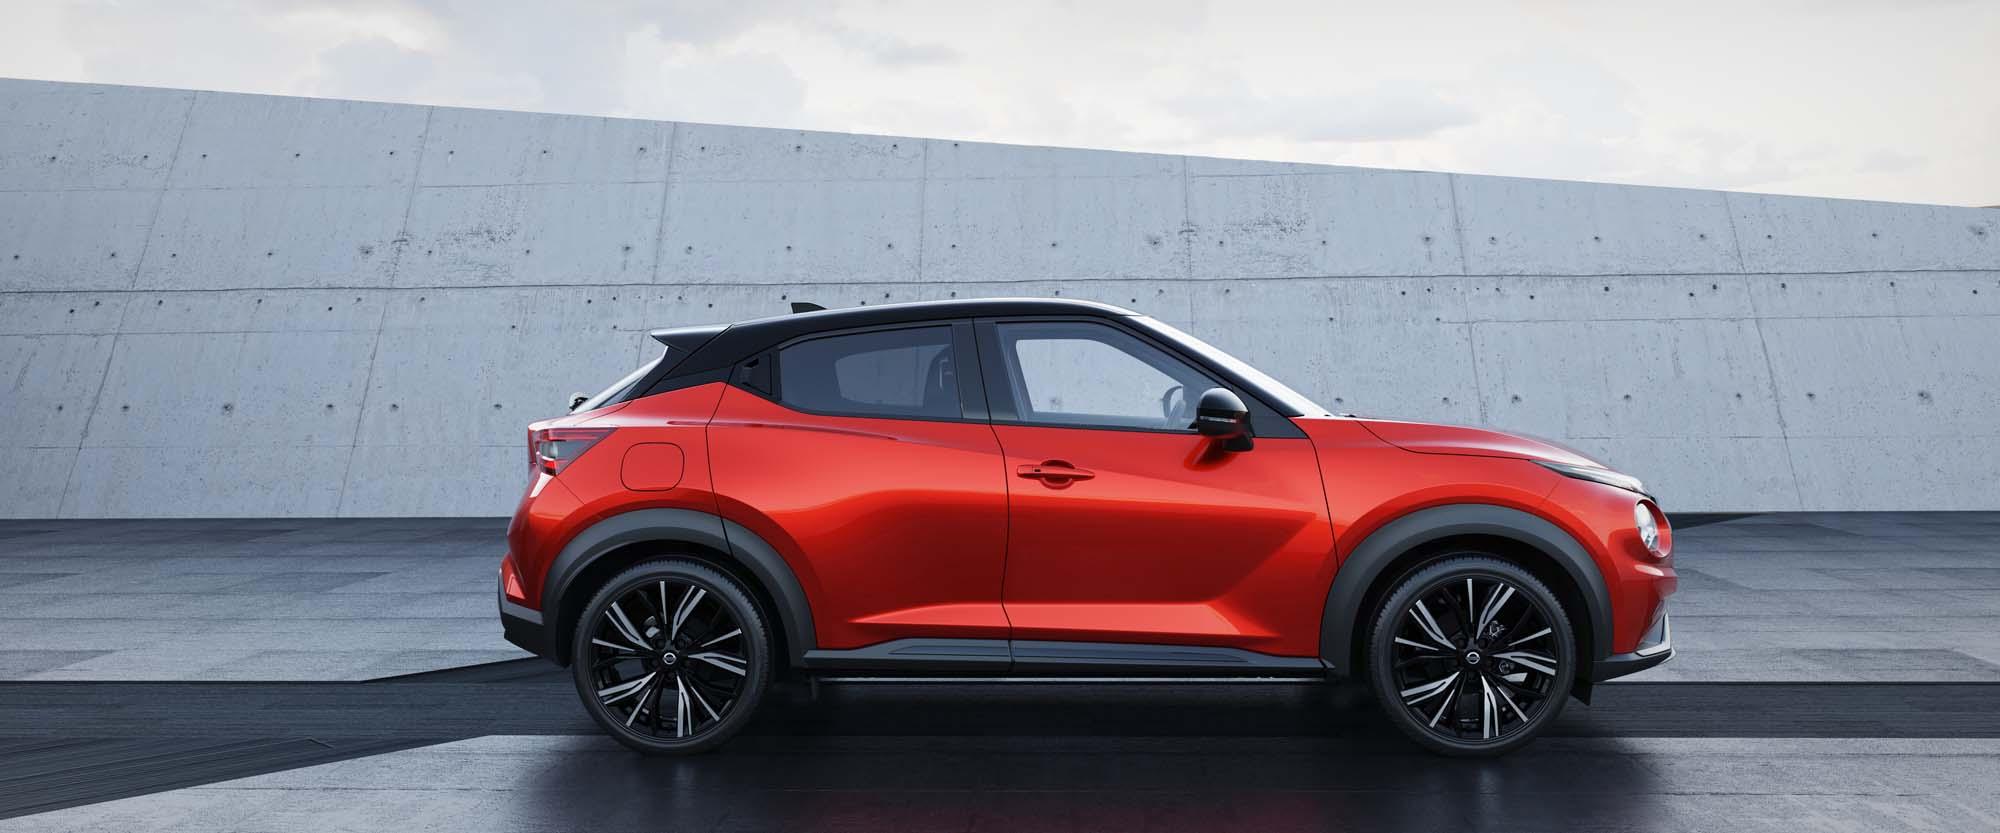 Nissan-Juke-2020-54